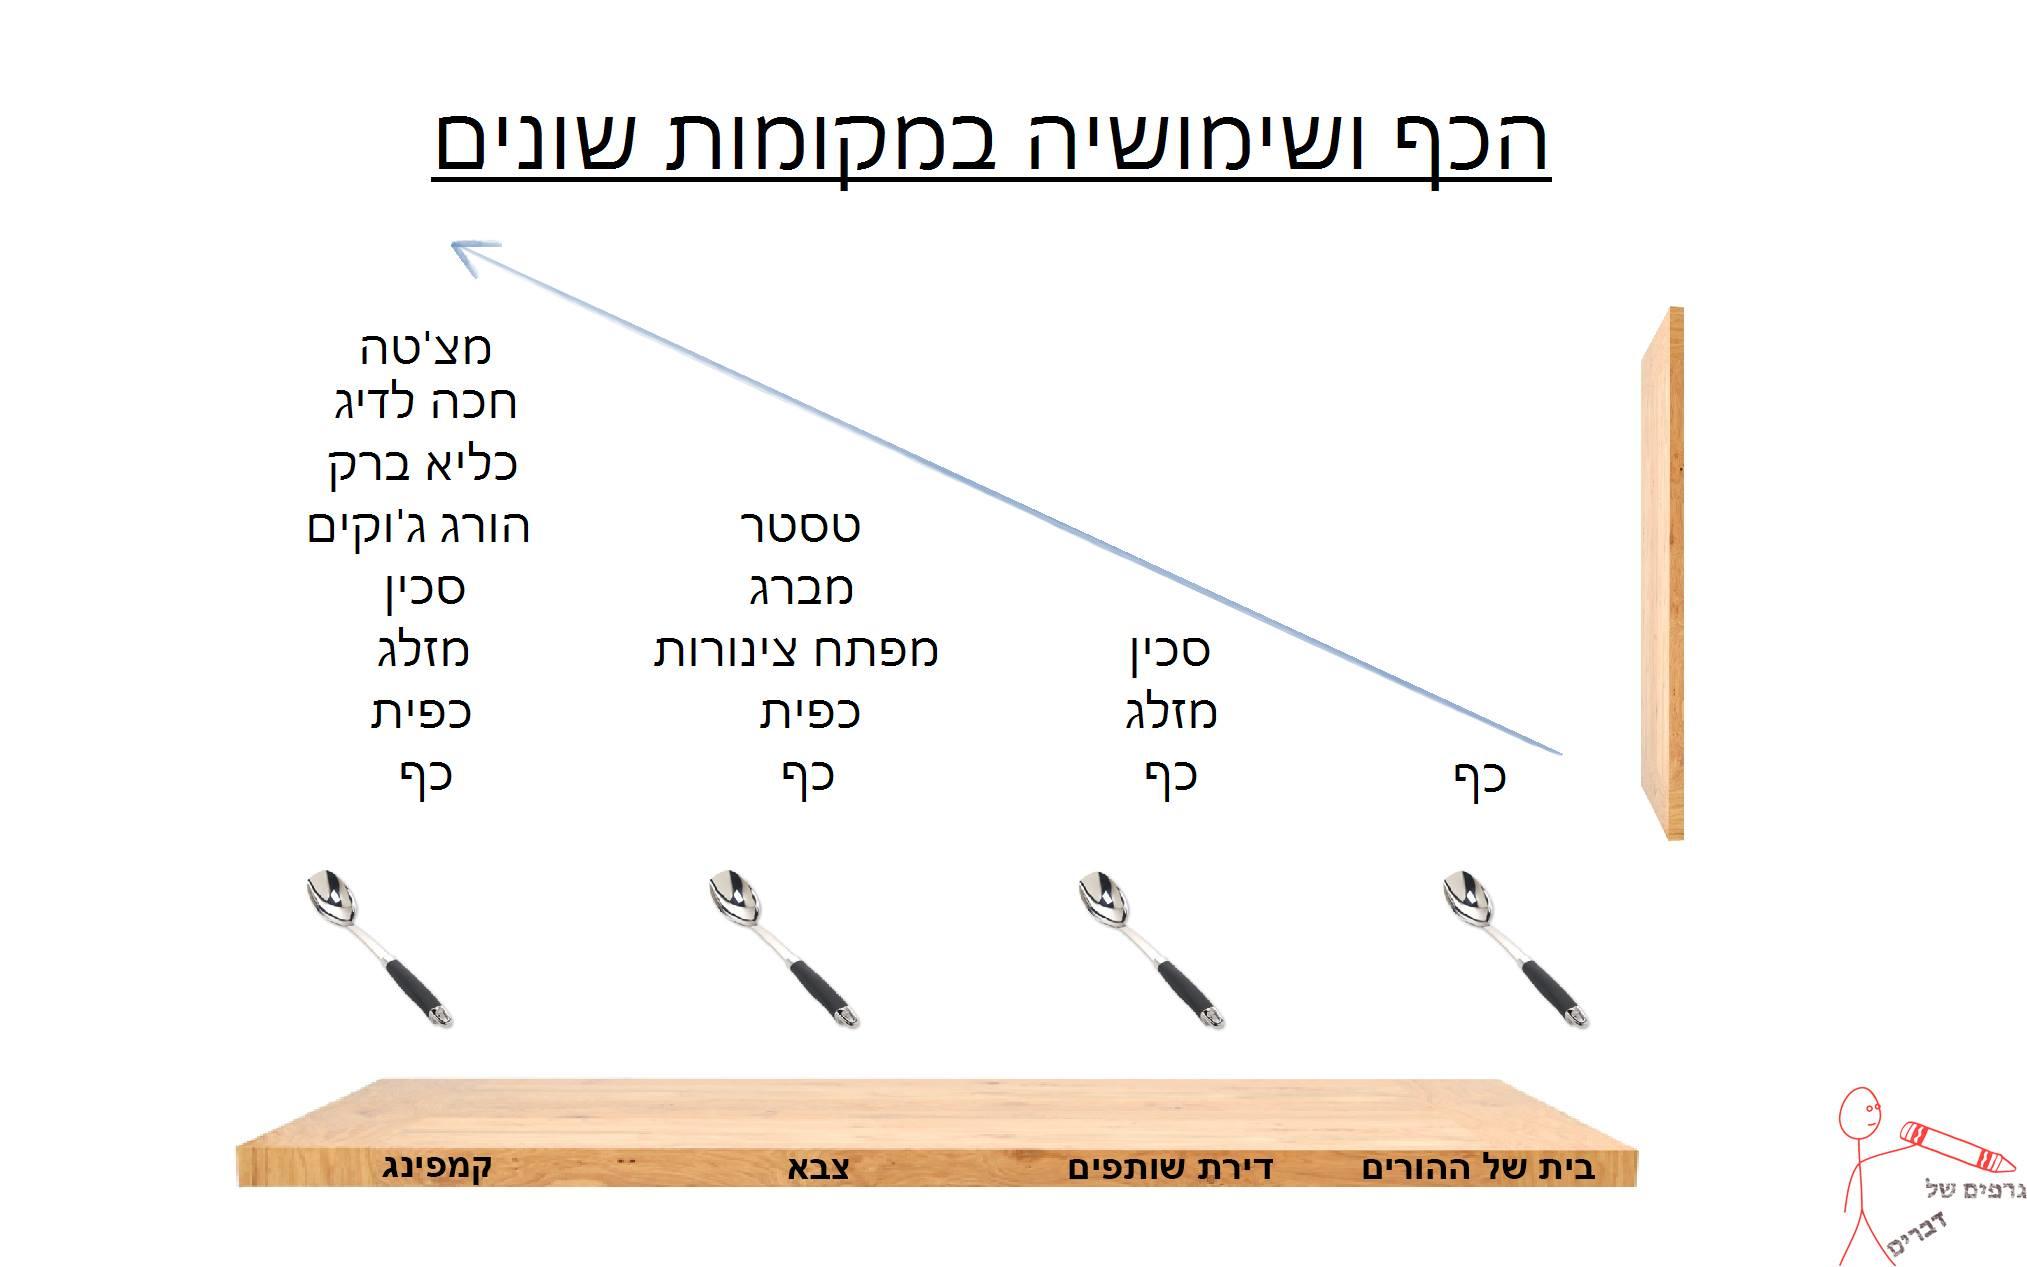 גרפים של דברים 11